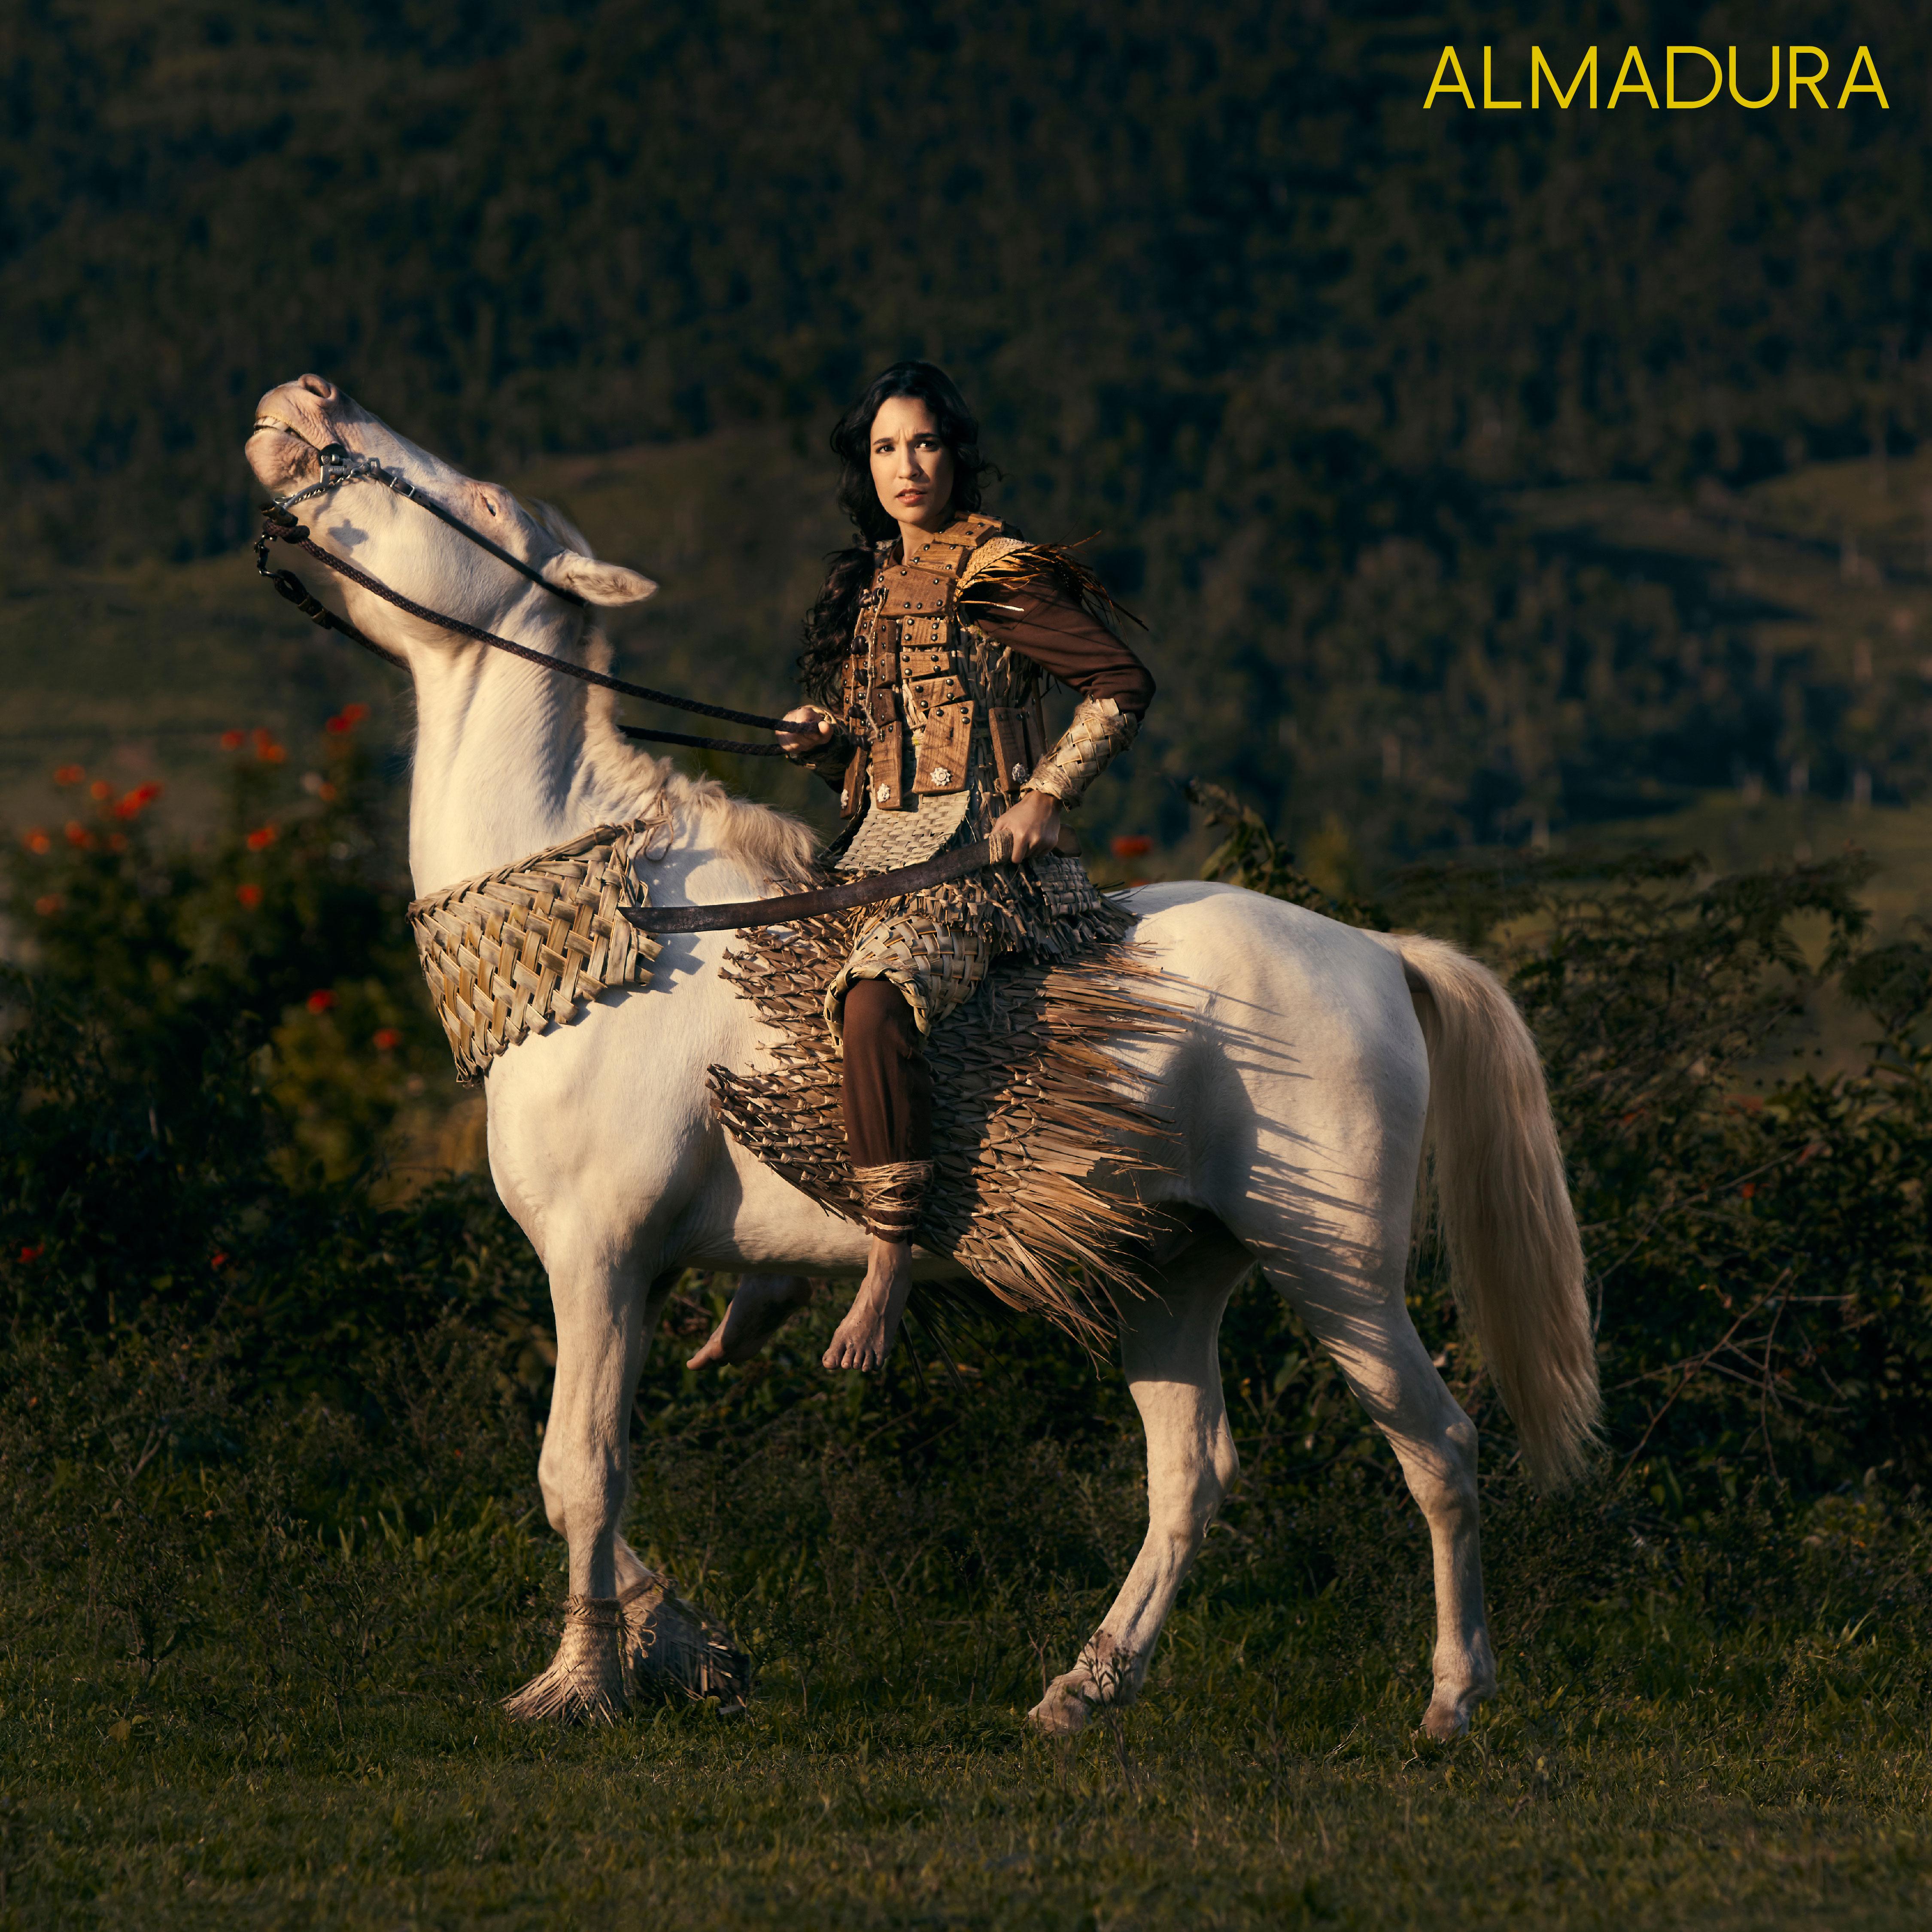 iLe_Almadura